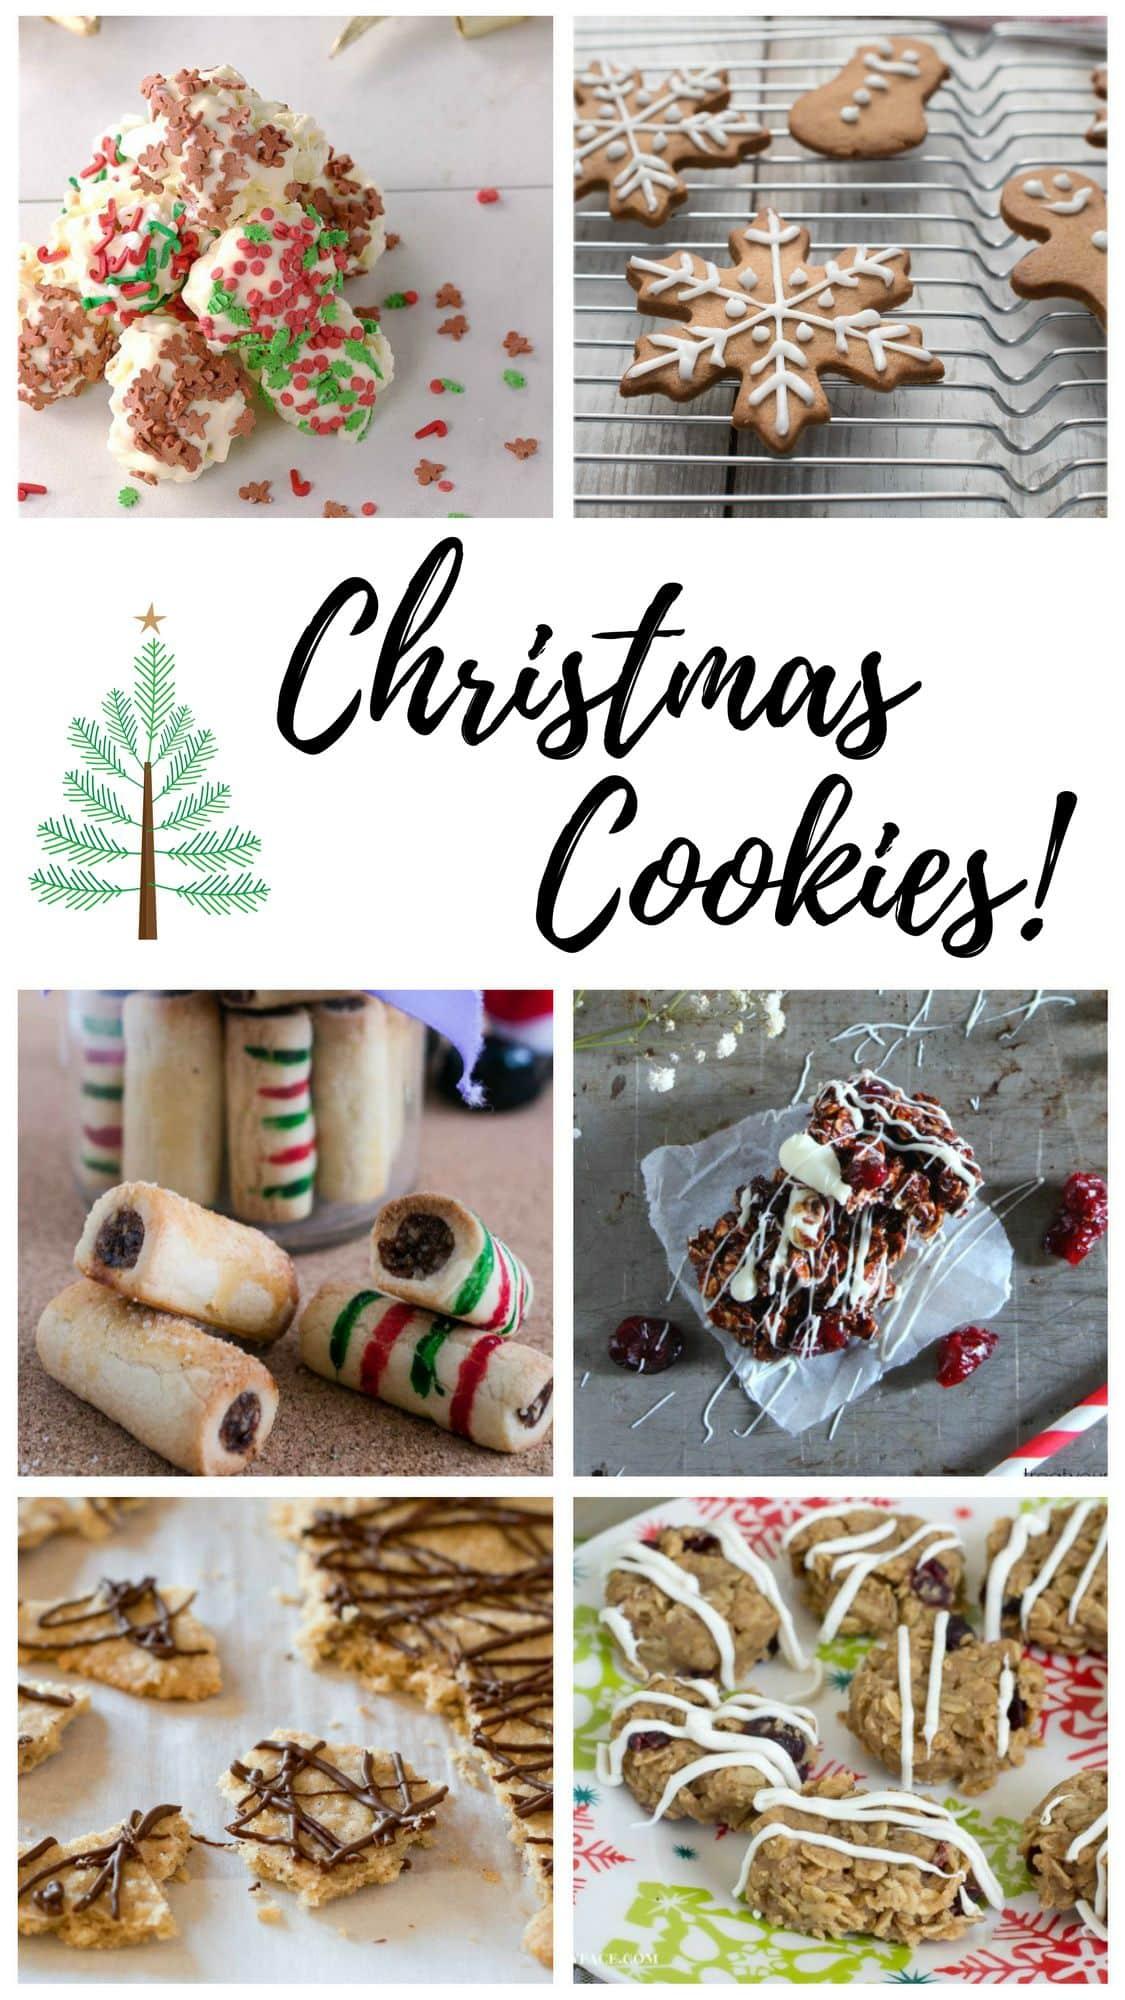 Christmas Cookie Recipe Roundup #FoodBlogGenius via flouronmyface.com